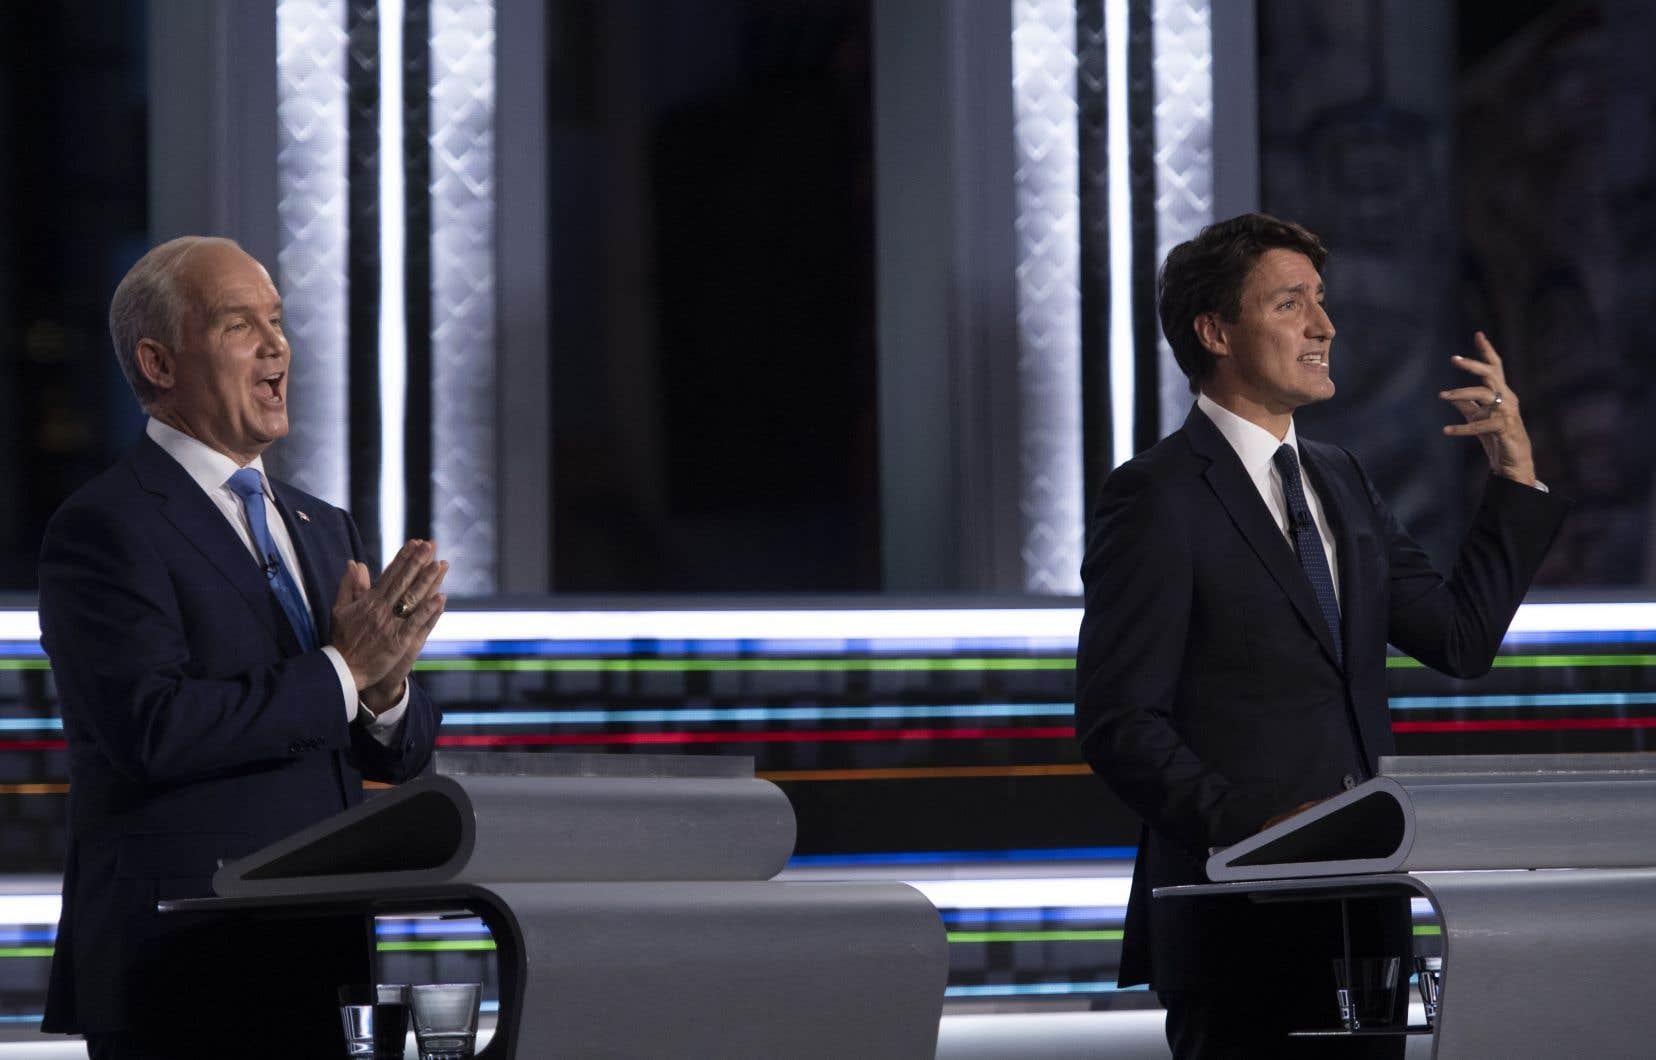 Le Parti libéral du Canada et le Parti conservateur du Canada sont à égalité avec 32 pour cent d'appuis chez les personnes qui ont fait leur choix en vue de l'élection.